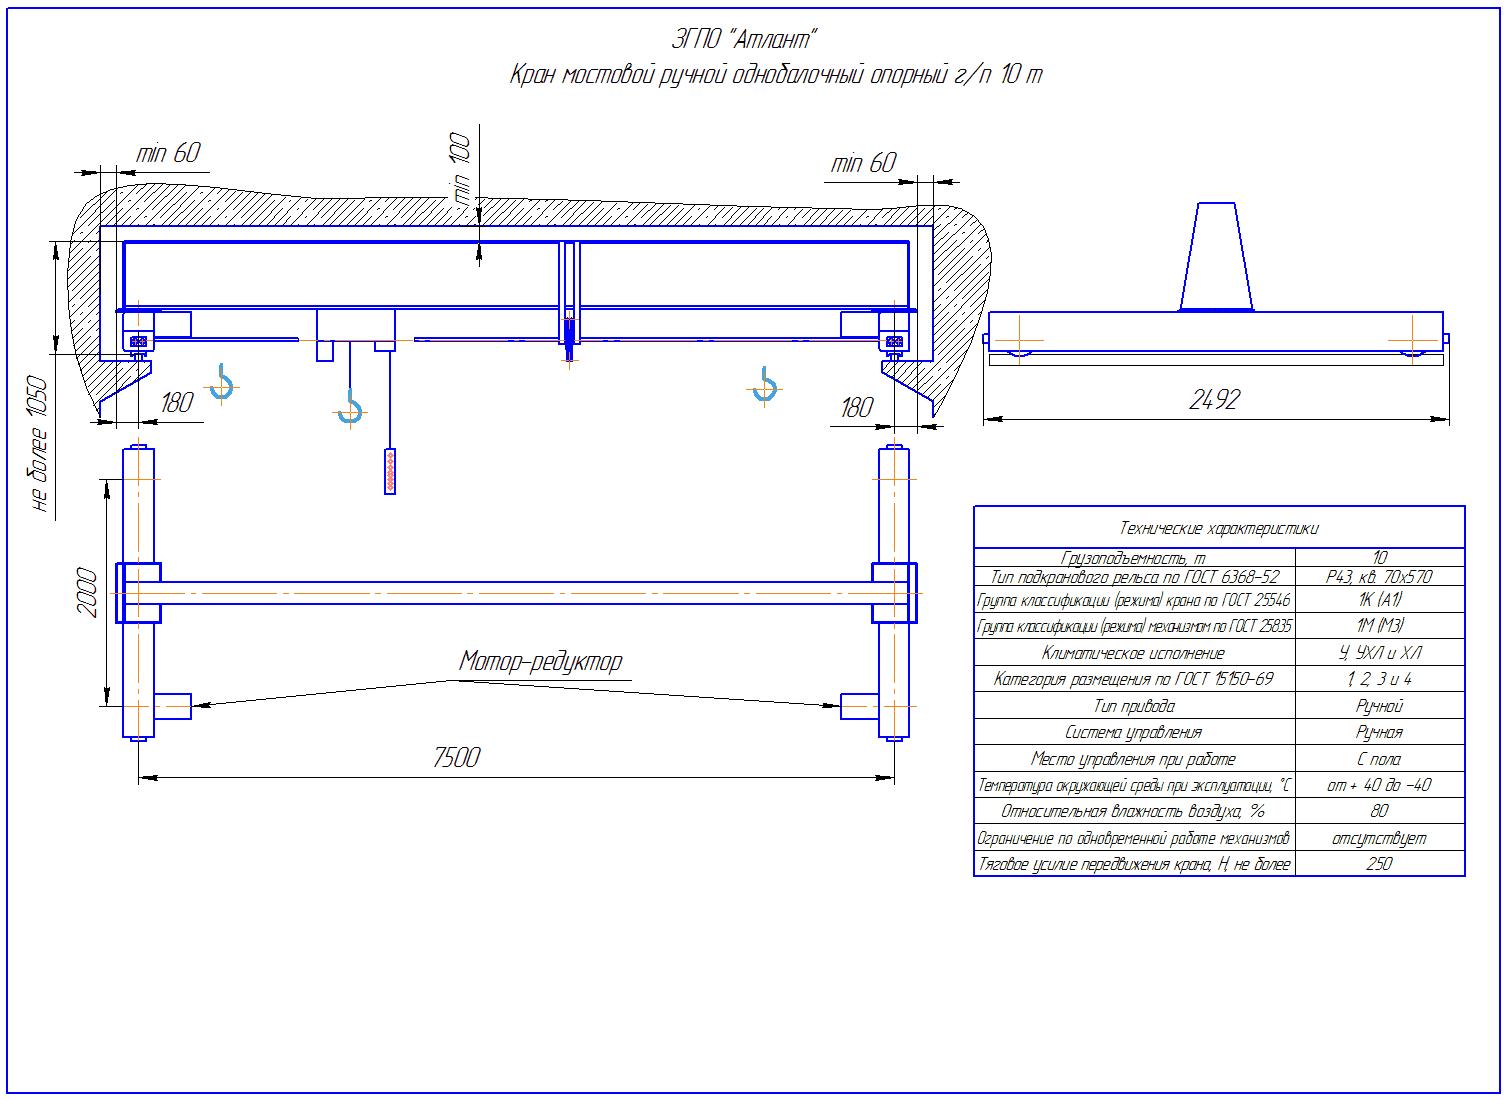 KRMOO 10 75 - Кран ручной мостовой опорный однобалочный